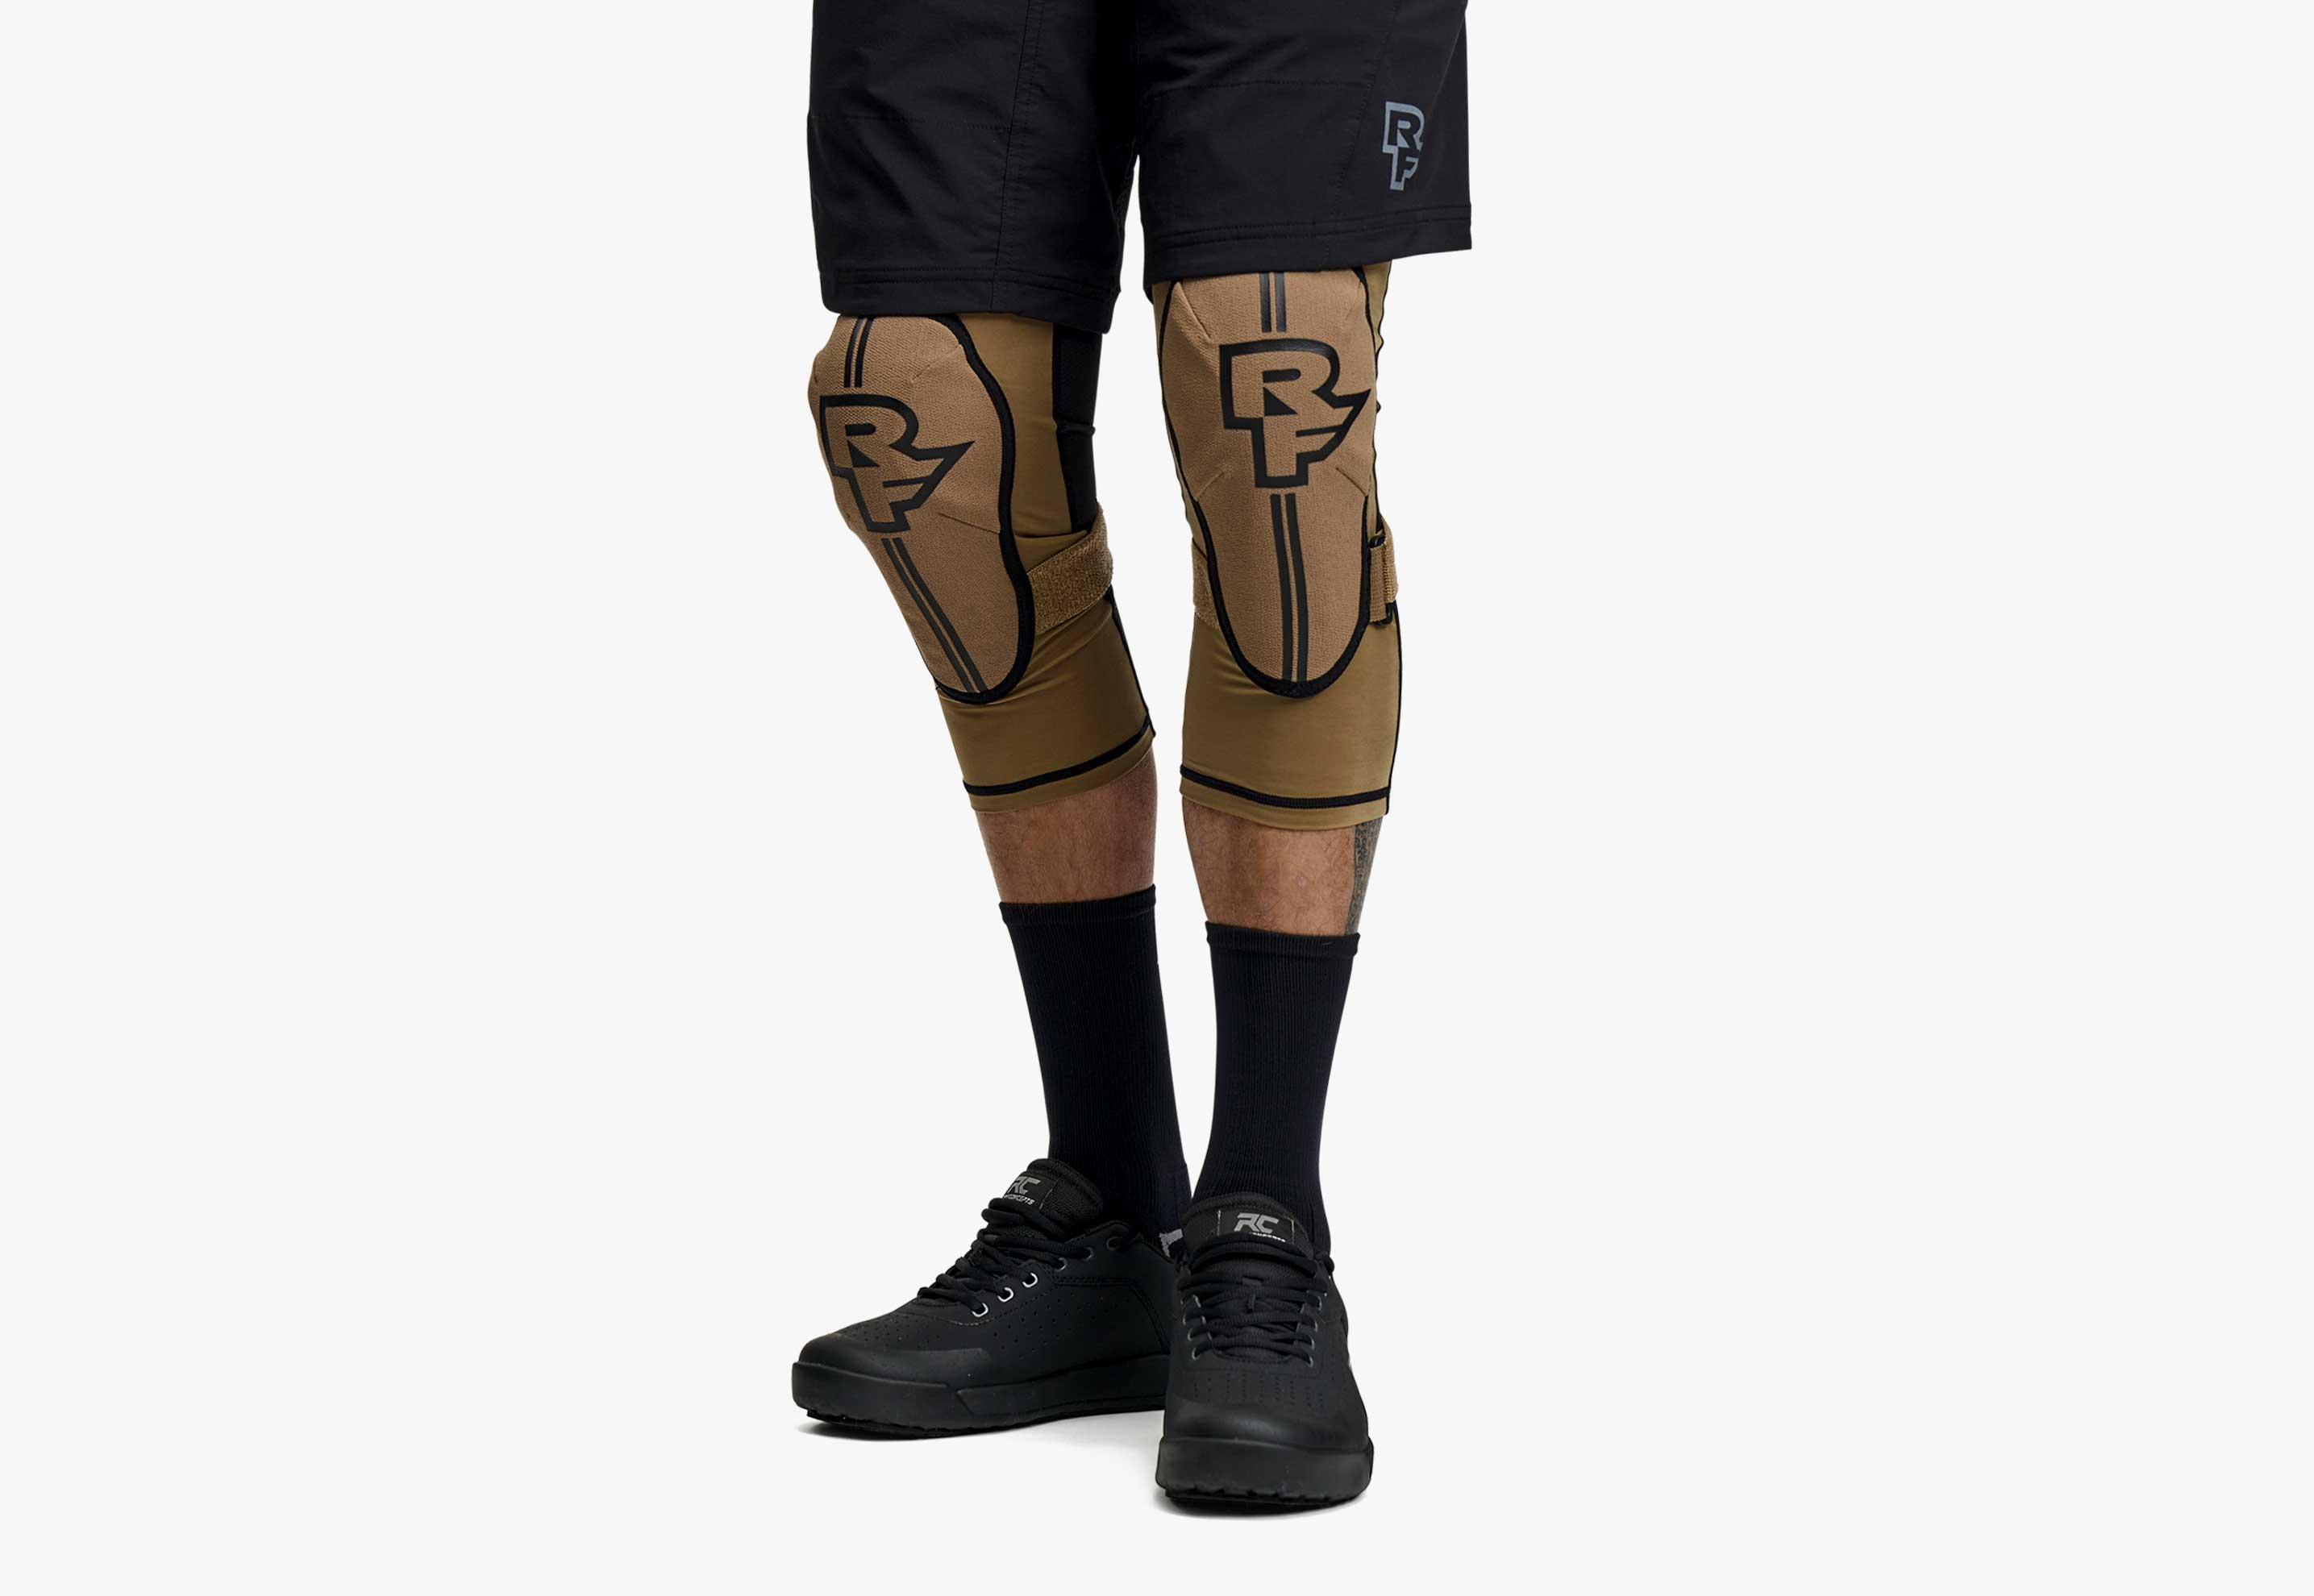 Indy Knee